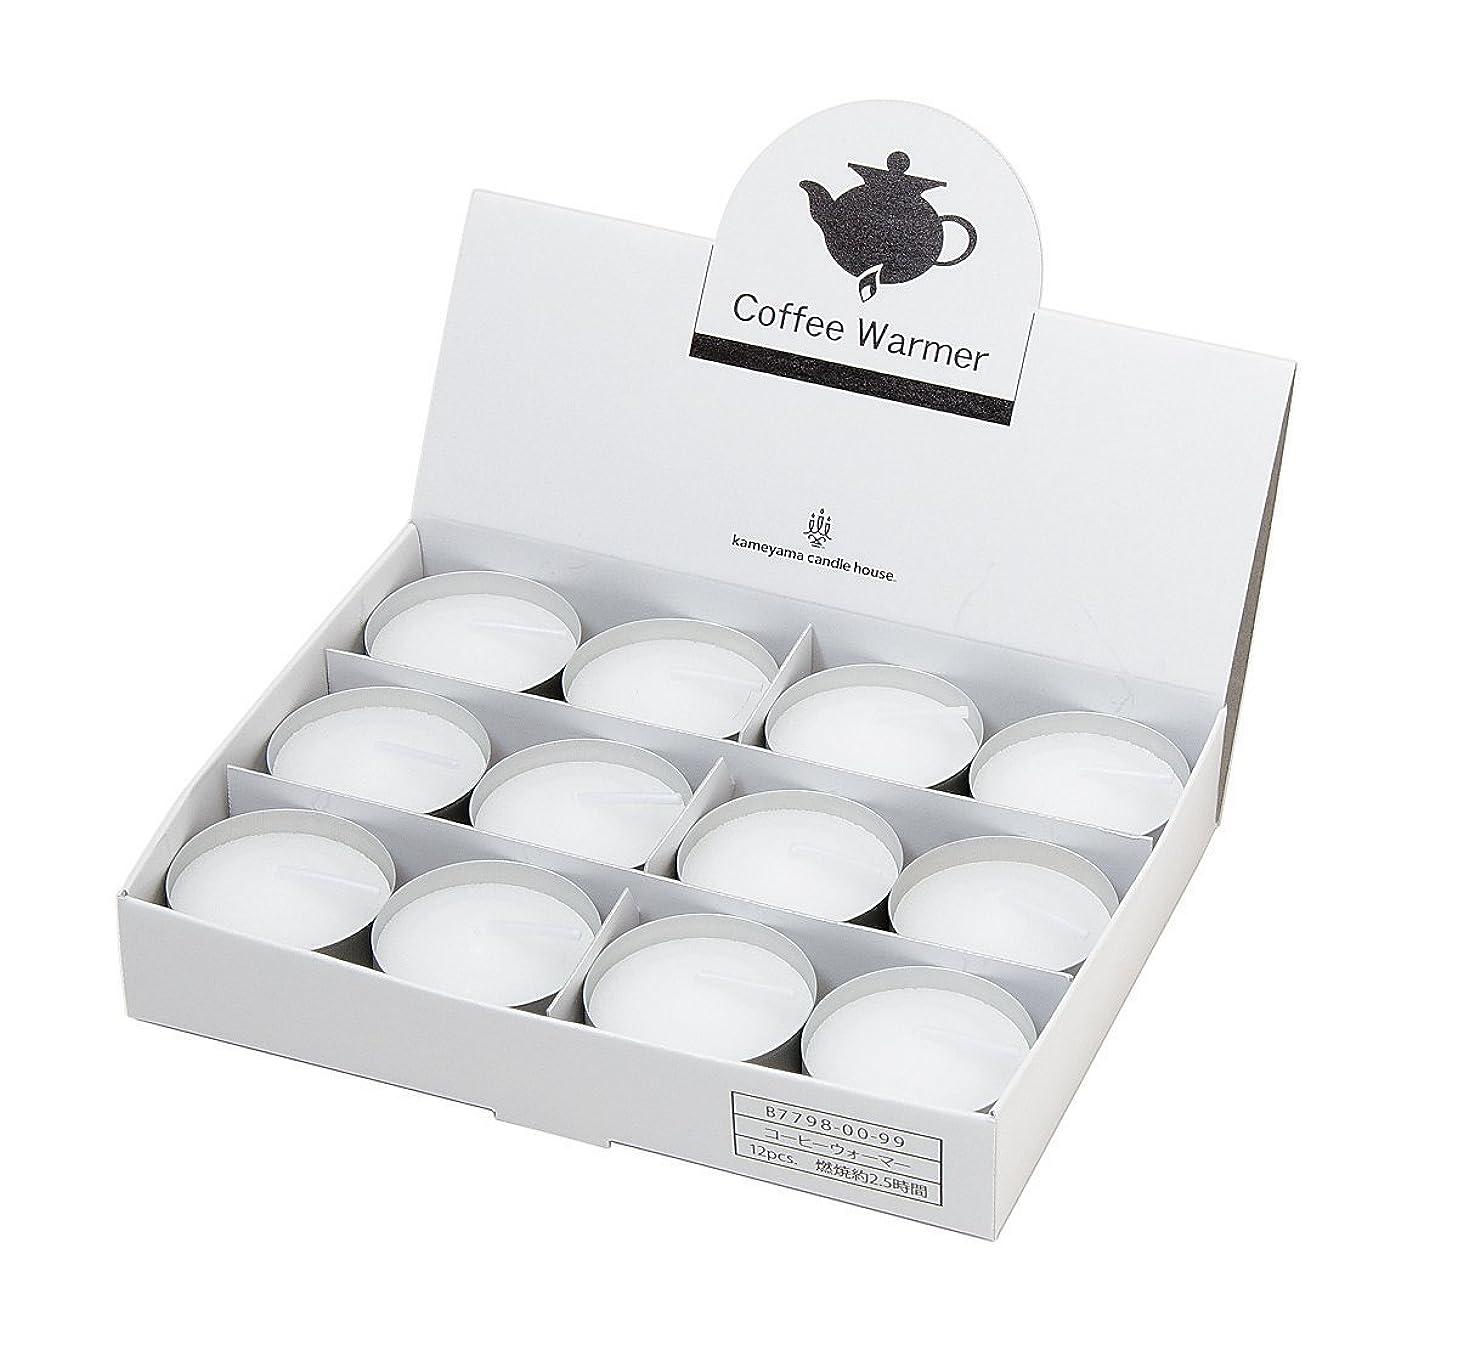 生息地ディスカウントサージカメヤマキャンドルハウス チョコレートフォンデュなどにもおすすめ 大きめ炎で保温できる コーヒーウォーマーキャンドル(1箱12個入) 燃焼時間約2時間30分